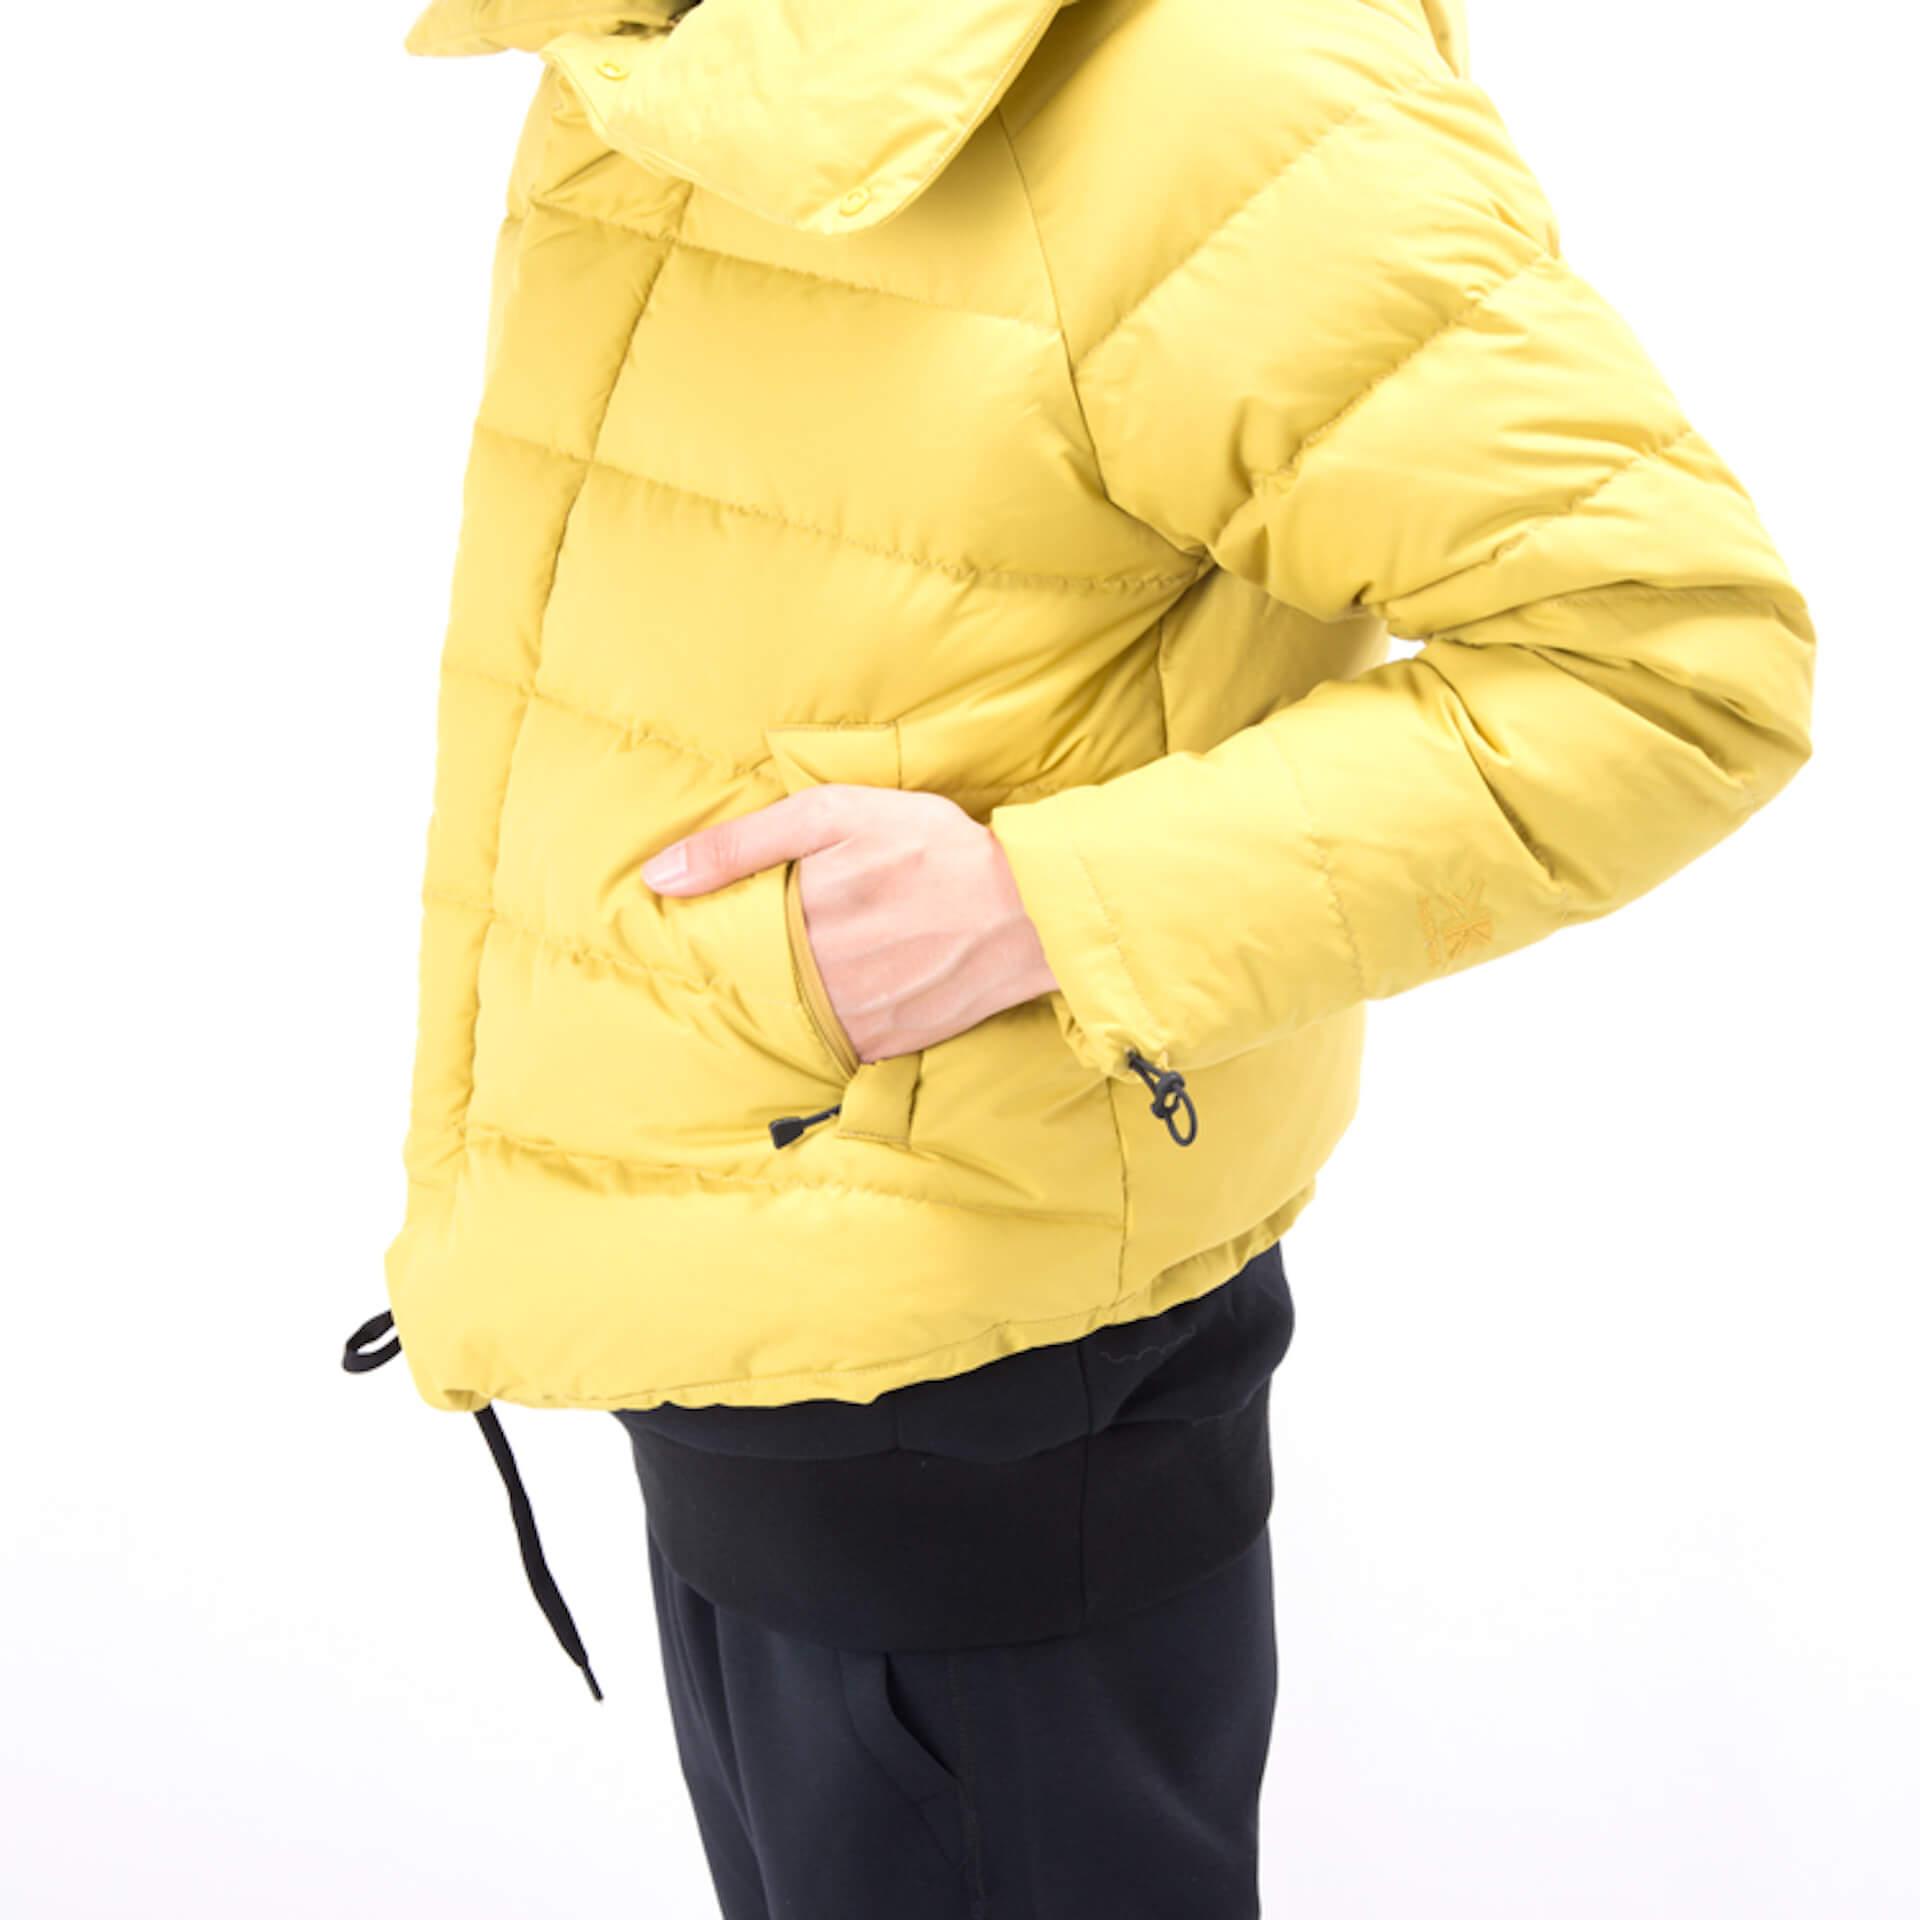 karrimorのライフスタイルレーベル・lifeからウィメンズアウター『wisp Wʻs short down parka』が登場! fashion201106_karrimor_10